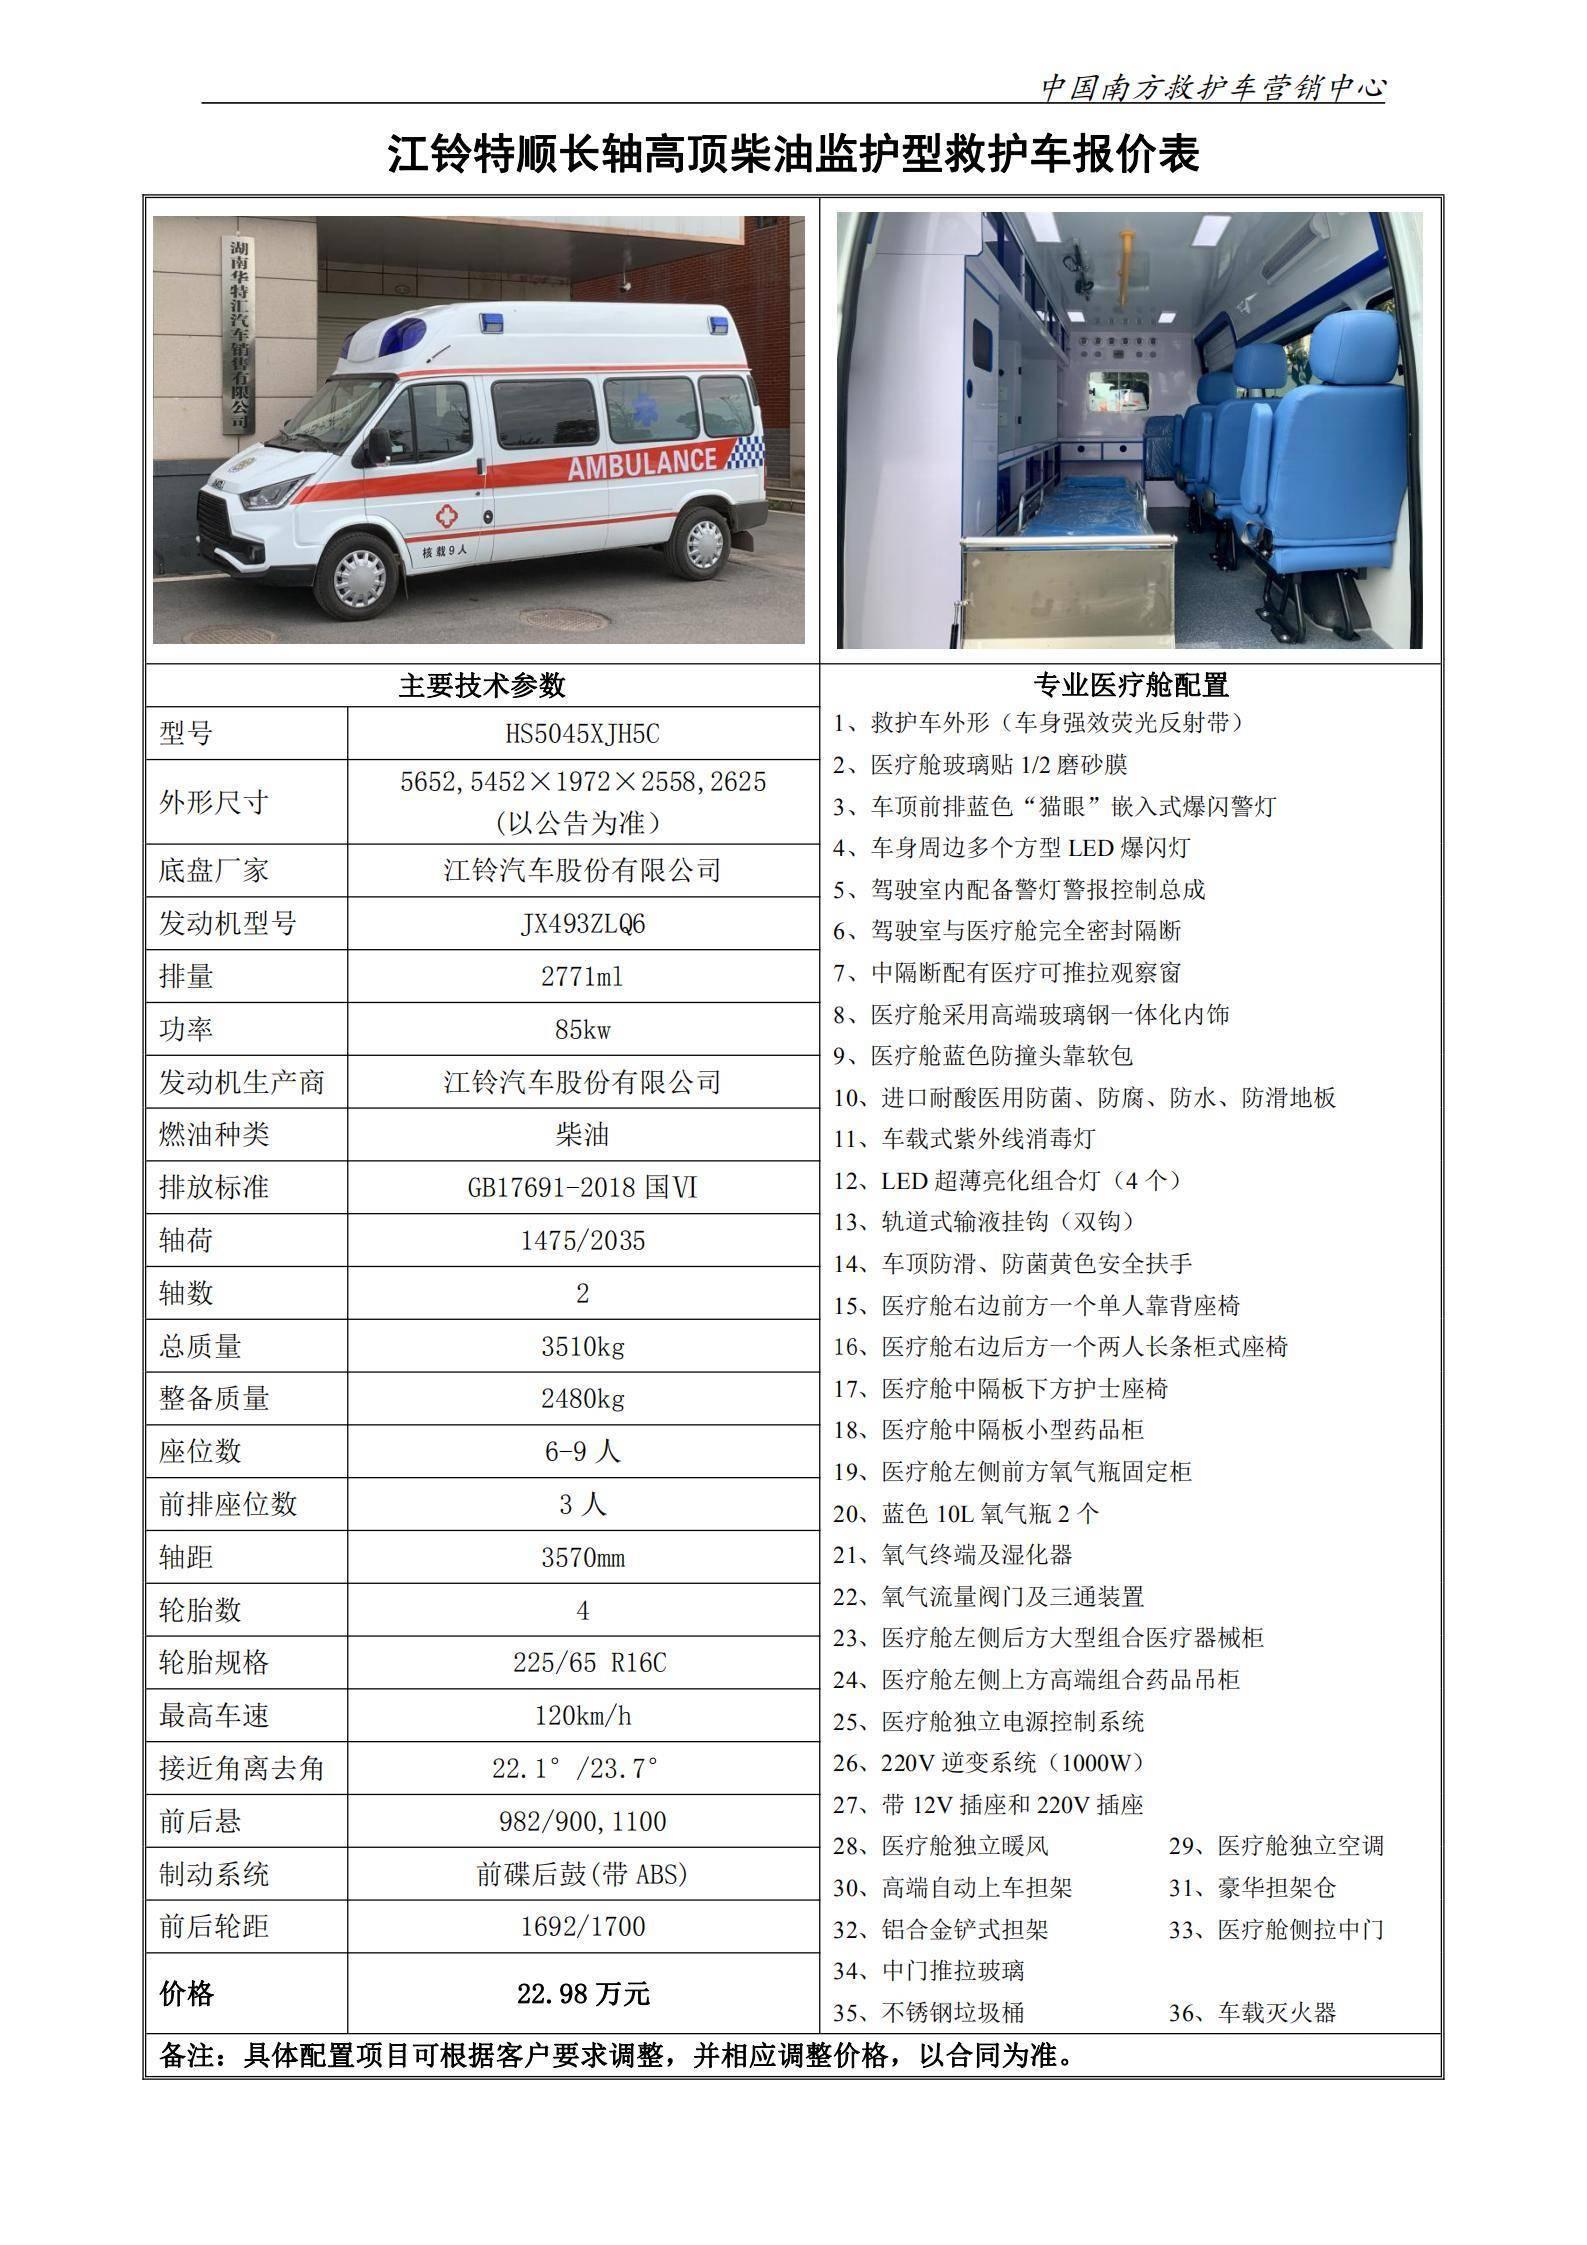 22、江铃特顺长高监护型救护车_00